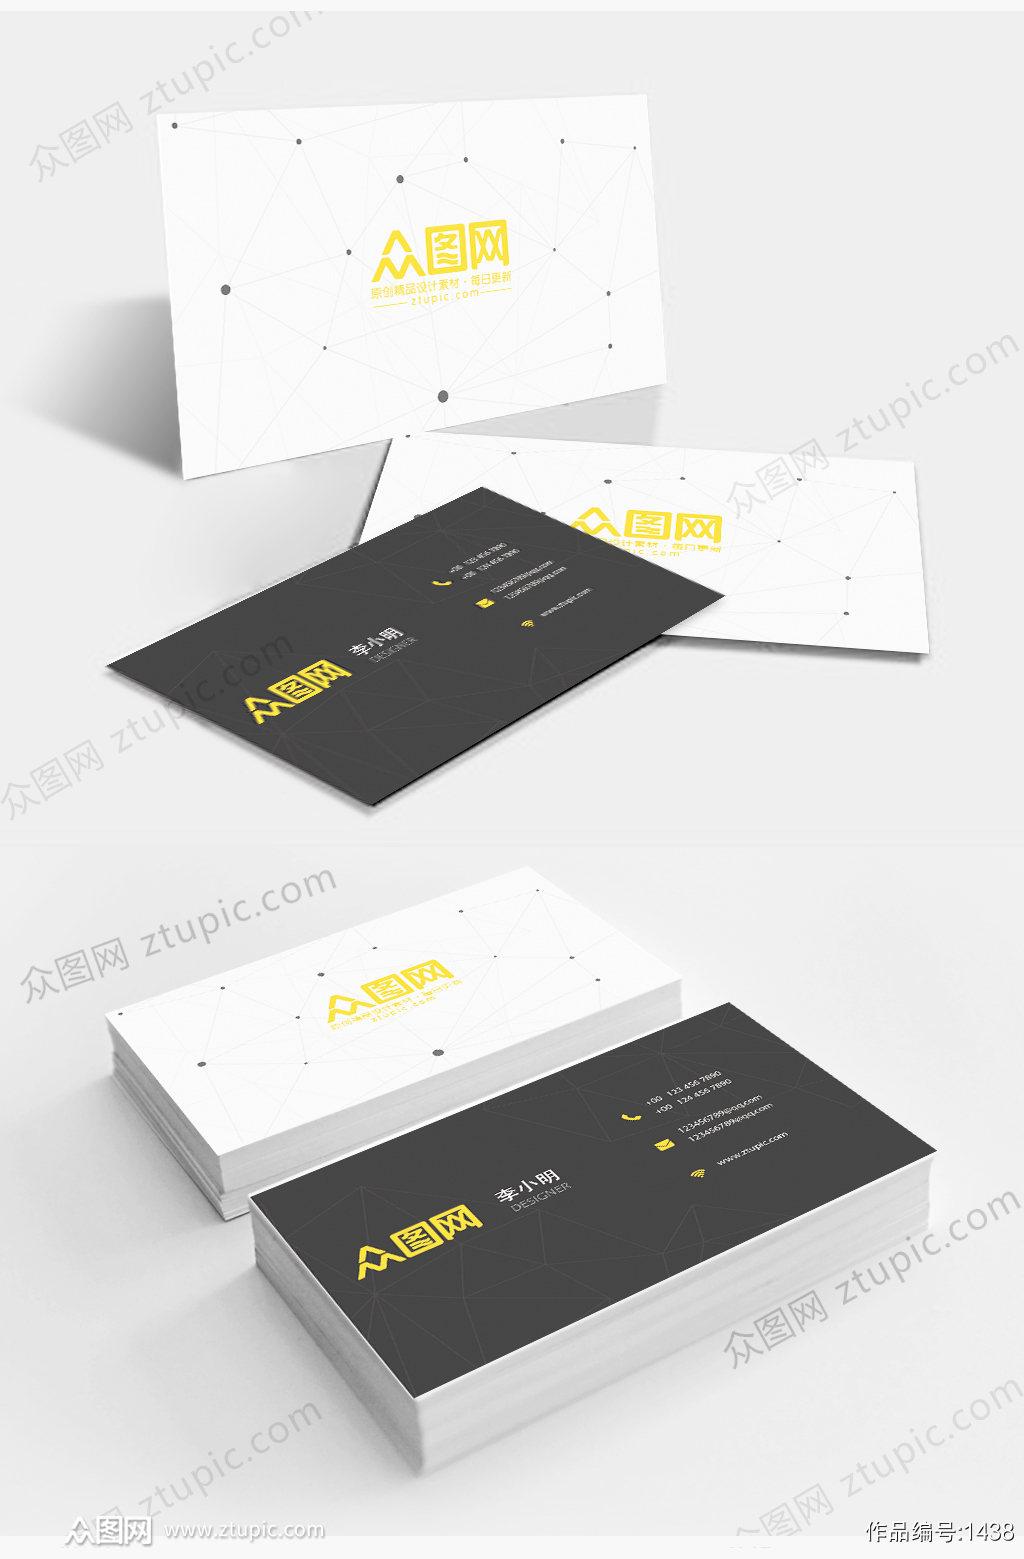 原创简约商务个人企业公司名片企业二维码卡片素材